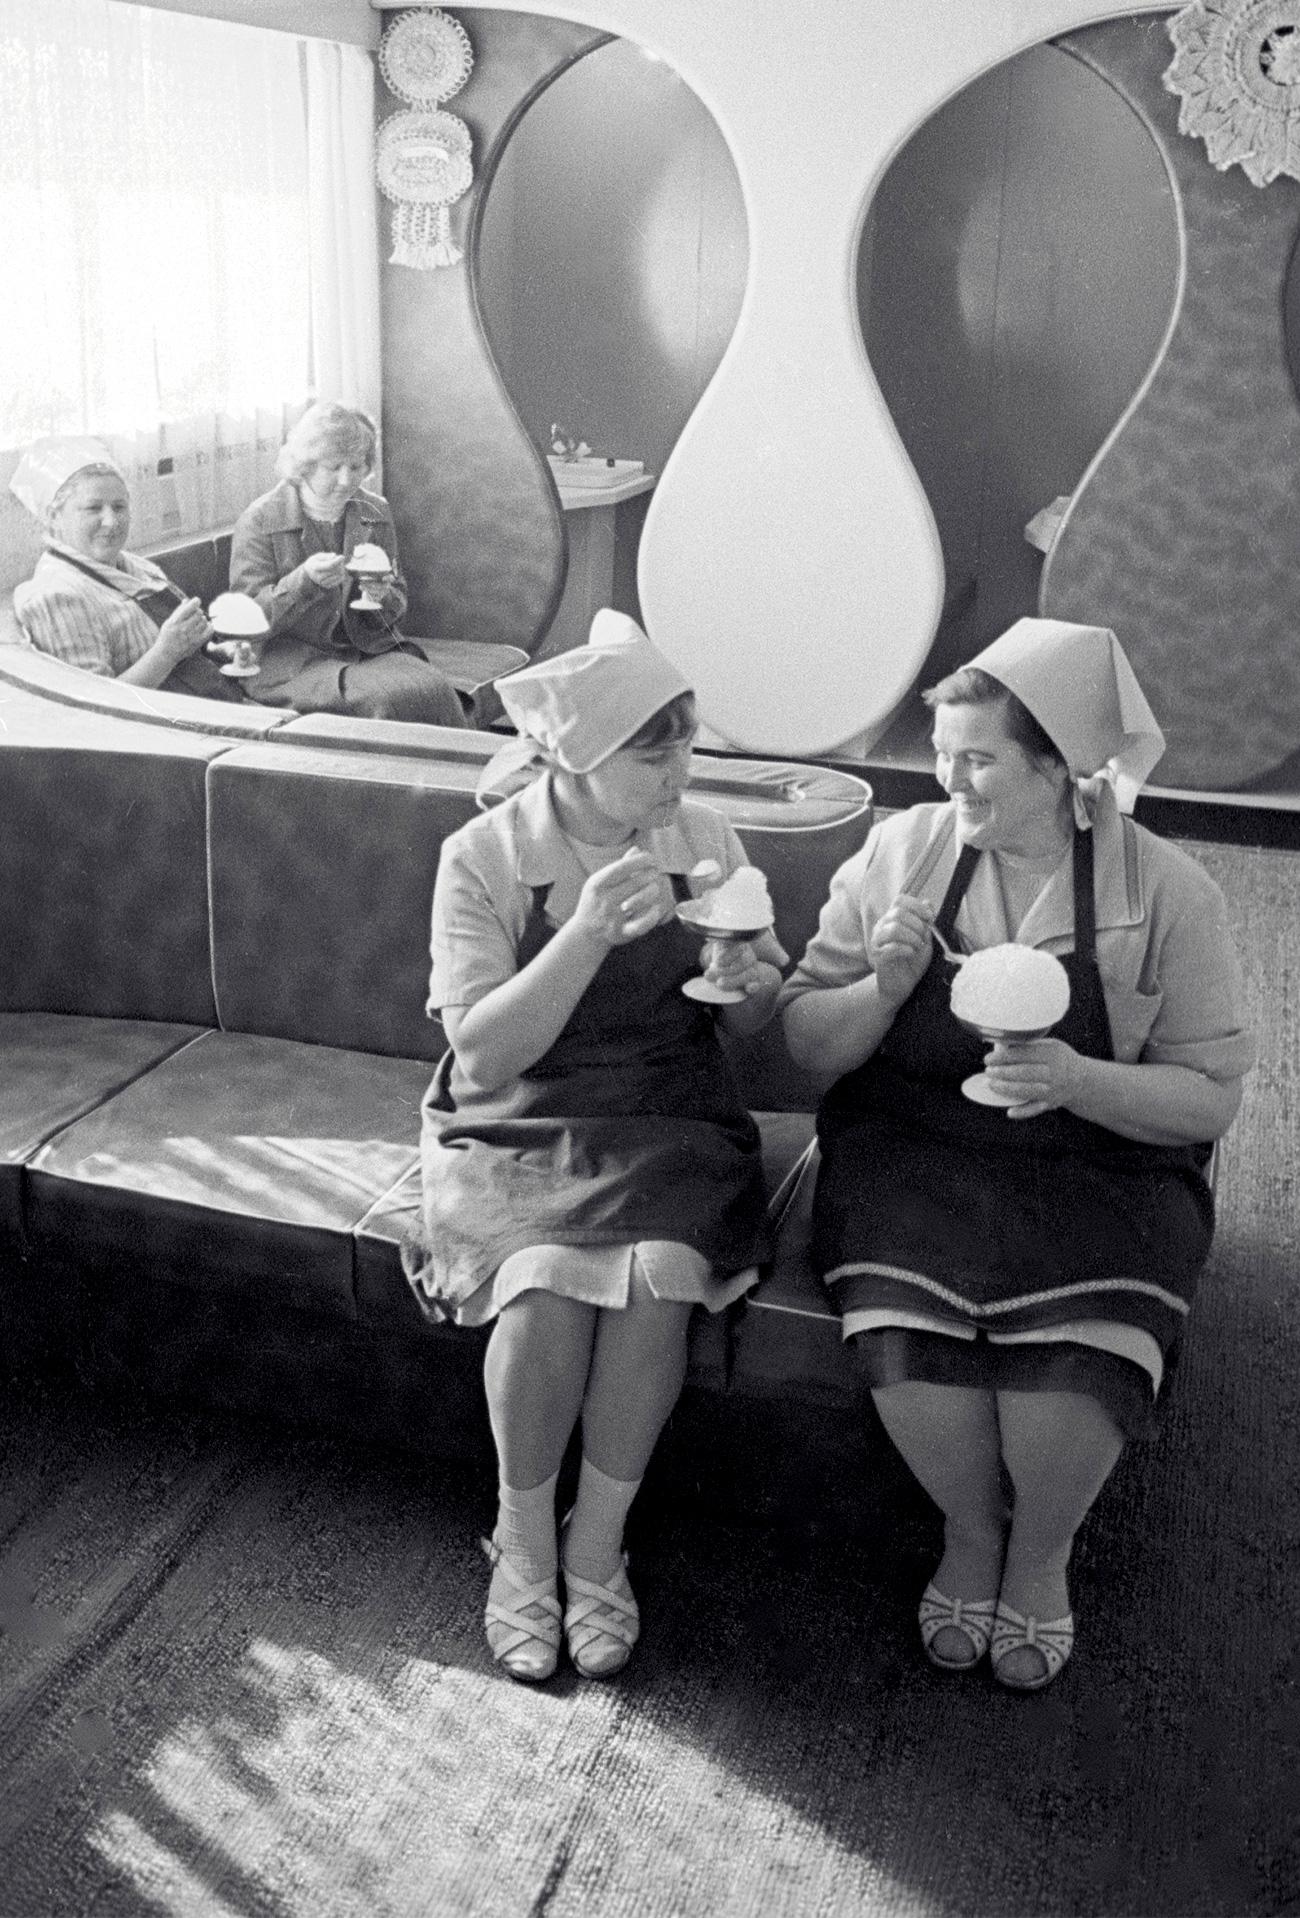 Il più ambito tra i gelati sovietici era quello dei grandi magazzini Gum di Mosca. Si poteva scegliere fra tre gusti: crème brûlée, cioccolato e vaniglia ed era servito in una coppetta di wafer. Molti turisti in visita nella capitale, facevano della sosta alla gelateria del Gum una delle priorità della visita. Anche perché il grande magazzino è sulla Piazza Rossa, a due passi dal Cremlino, dal Mausoleo di Lenin e dalla Cattedrale di San Basilio. Ancora oggi la ricetta è mantenuta segreta e questo gelato rimane molto popolare tra i moscoviti e i viaggiatori // Operaie di un mobilificio di Vilnius, Lituania (allora parte dell'Urss), mangiano un gelato al bar aziendale, 1986